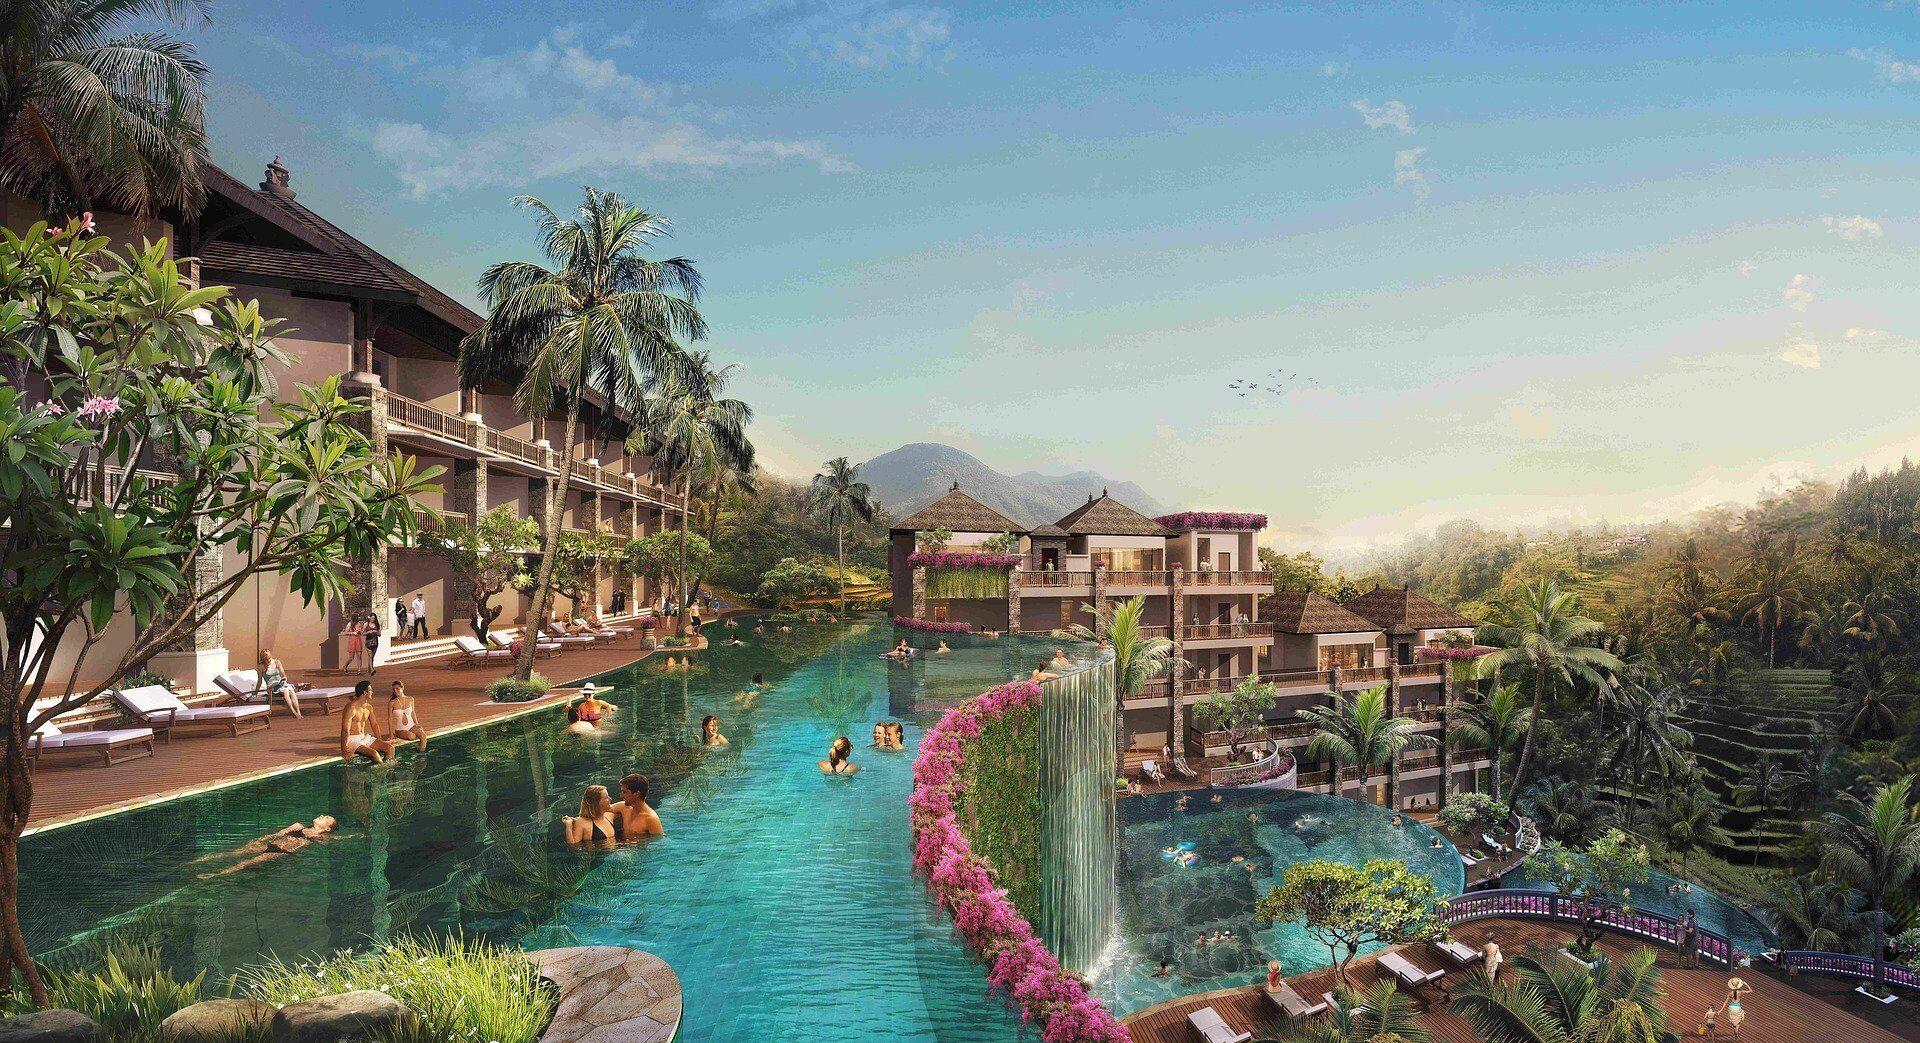 П'ятизірковий готель на острові Балі.